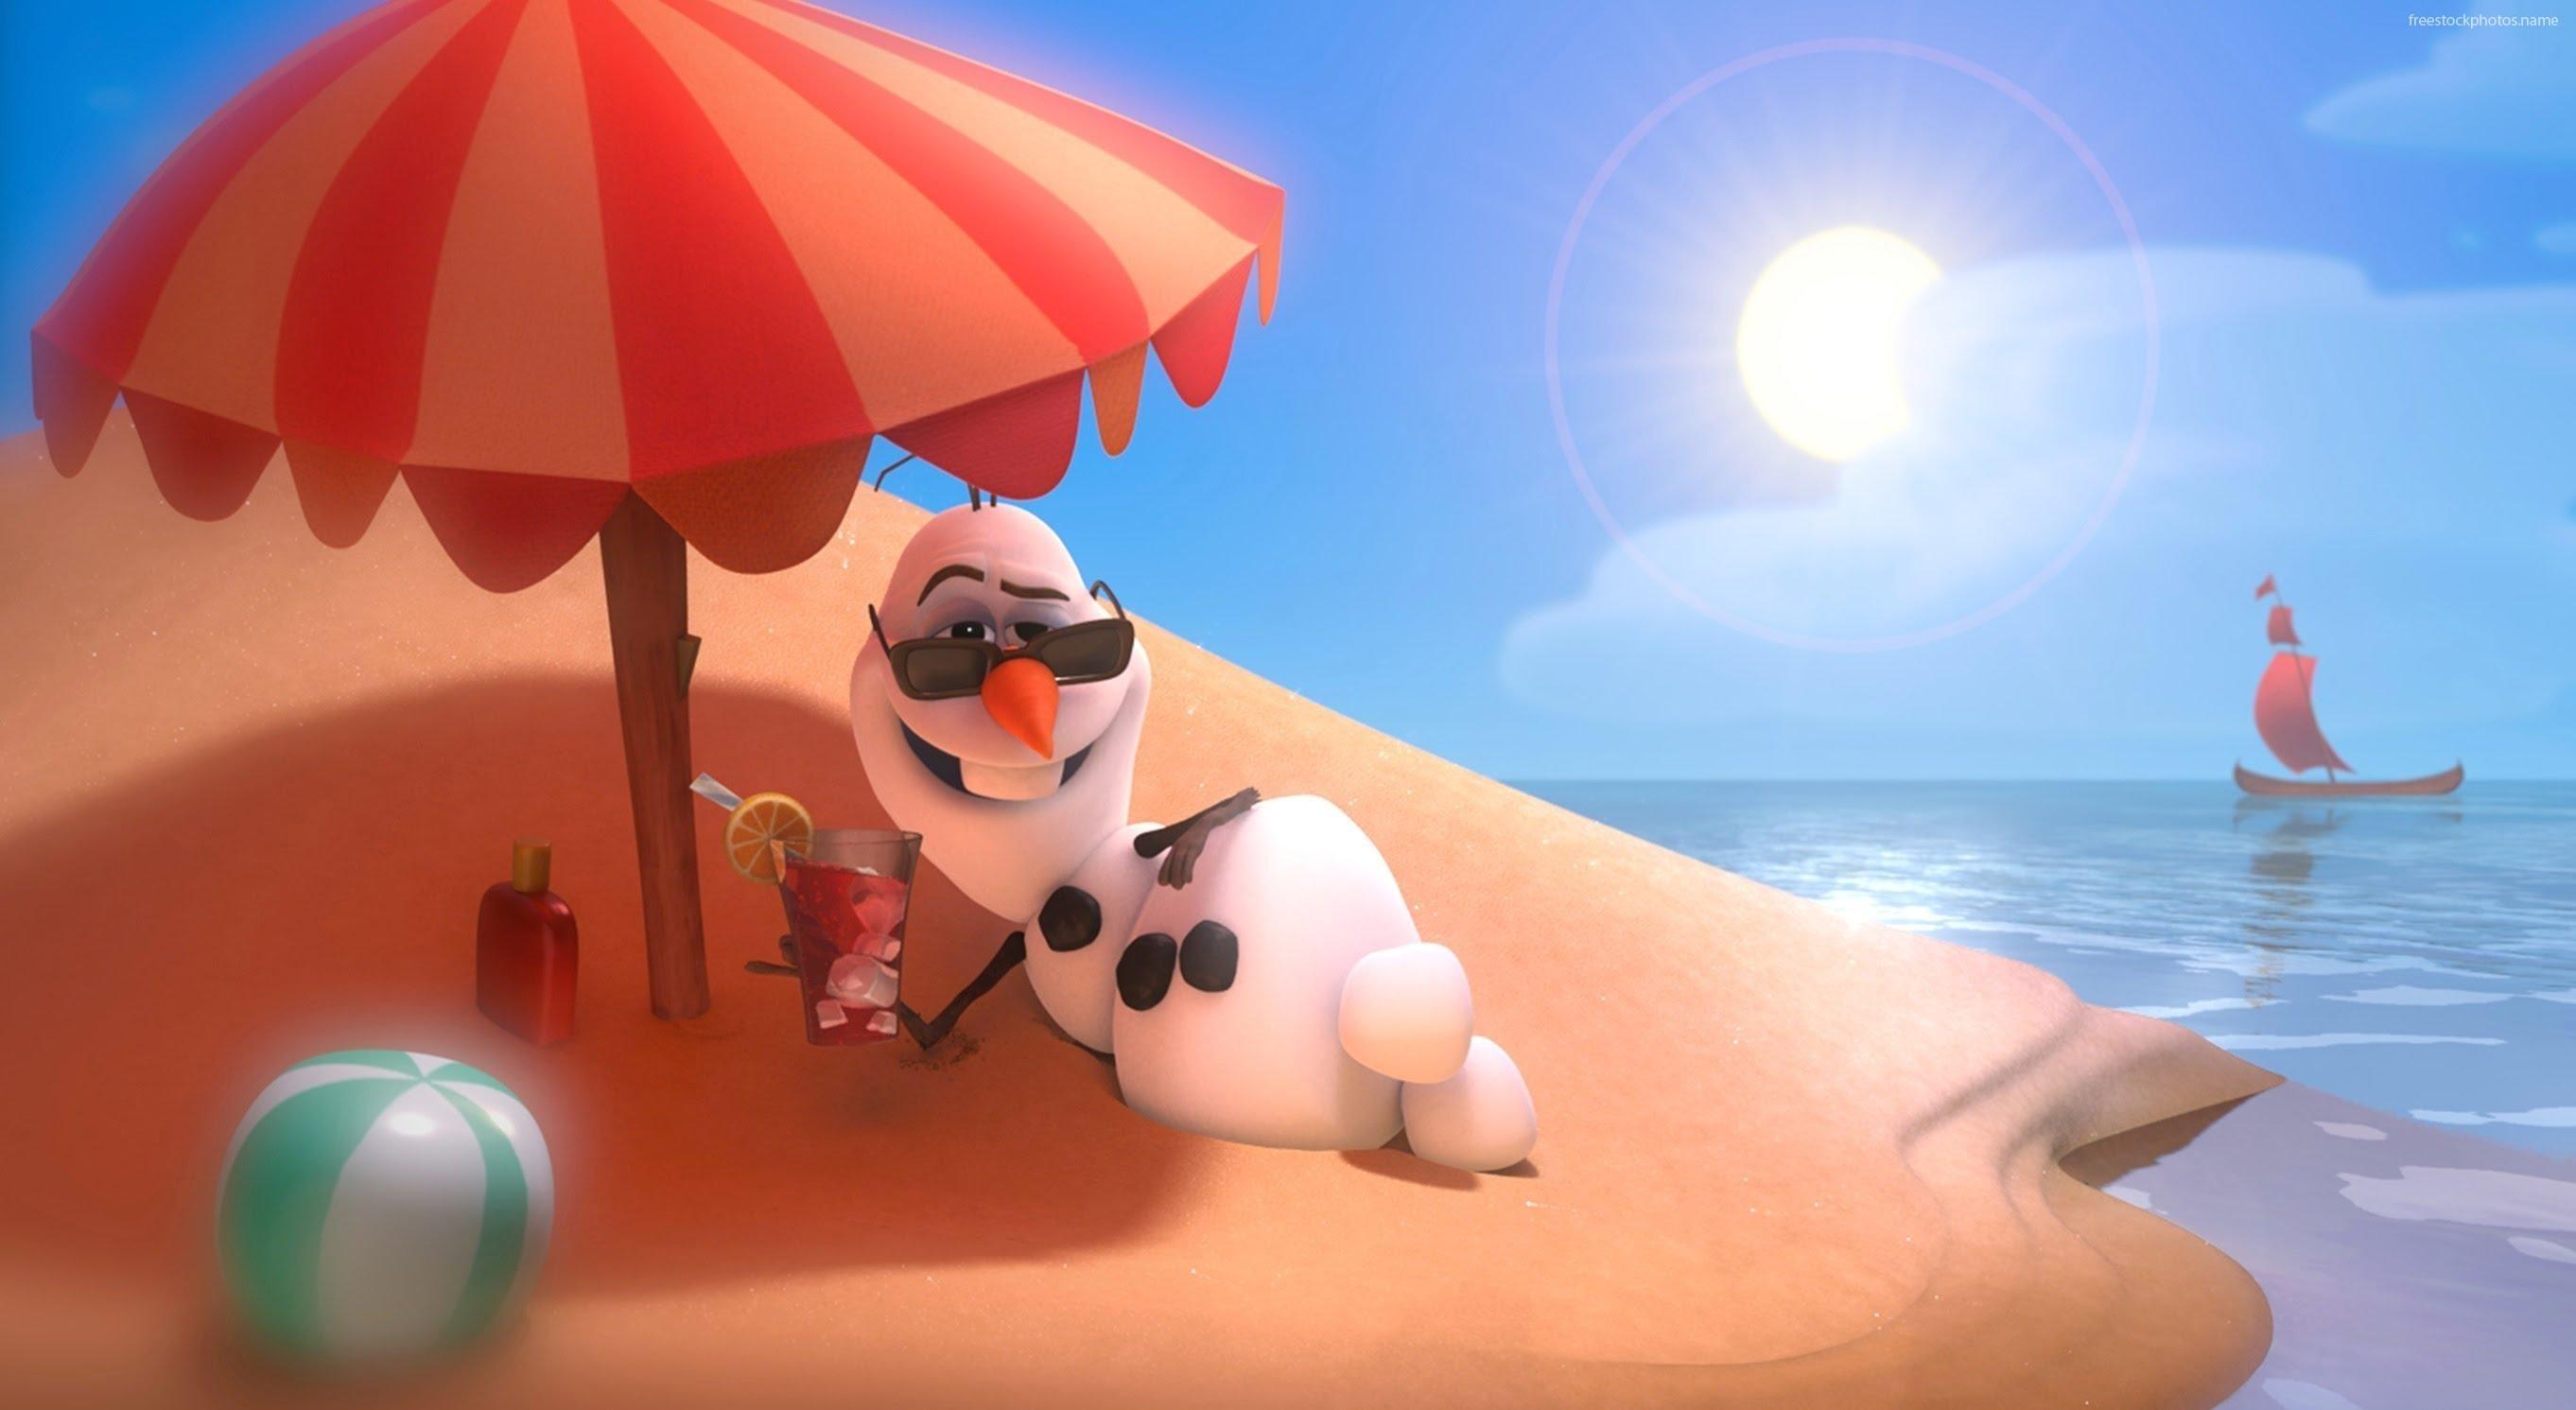 Summer holiday hd desktop wallpaper.